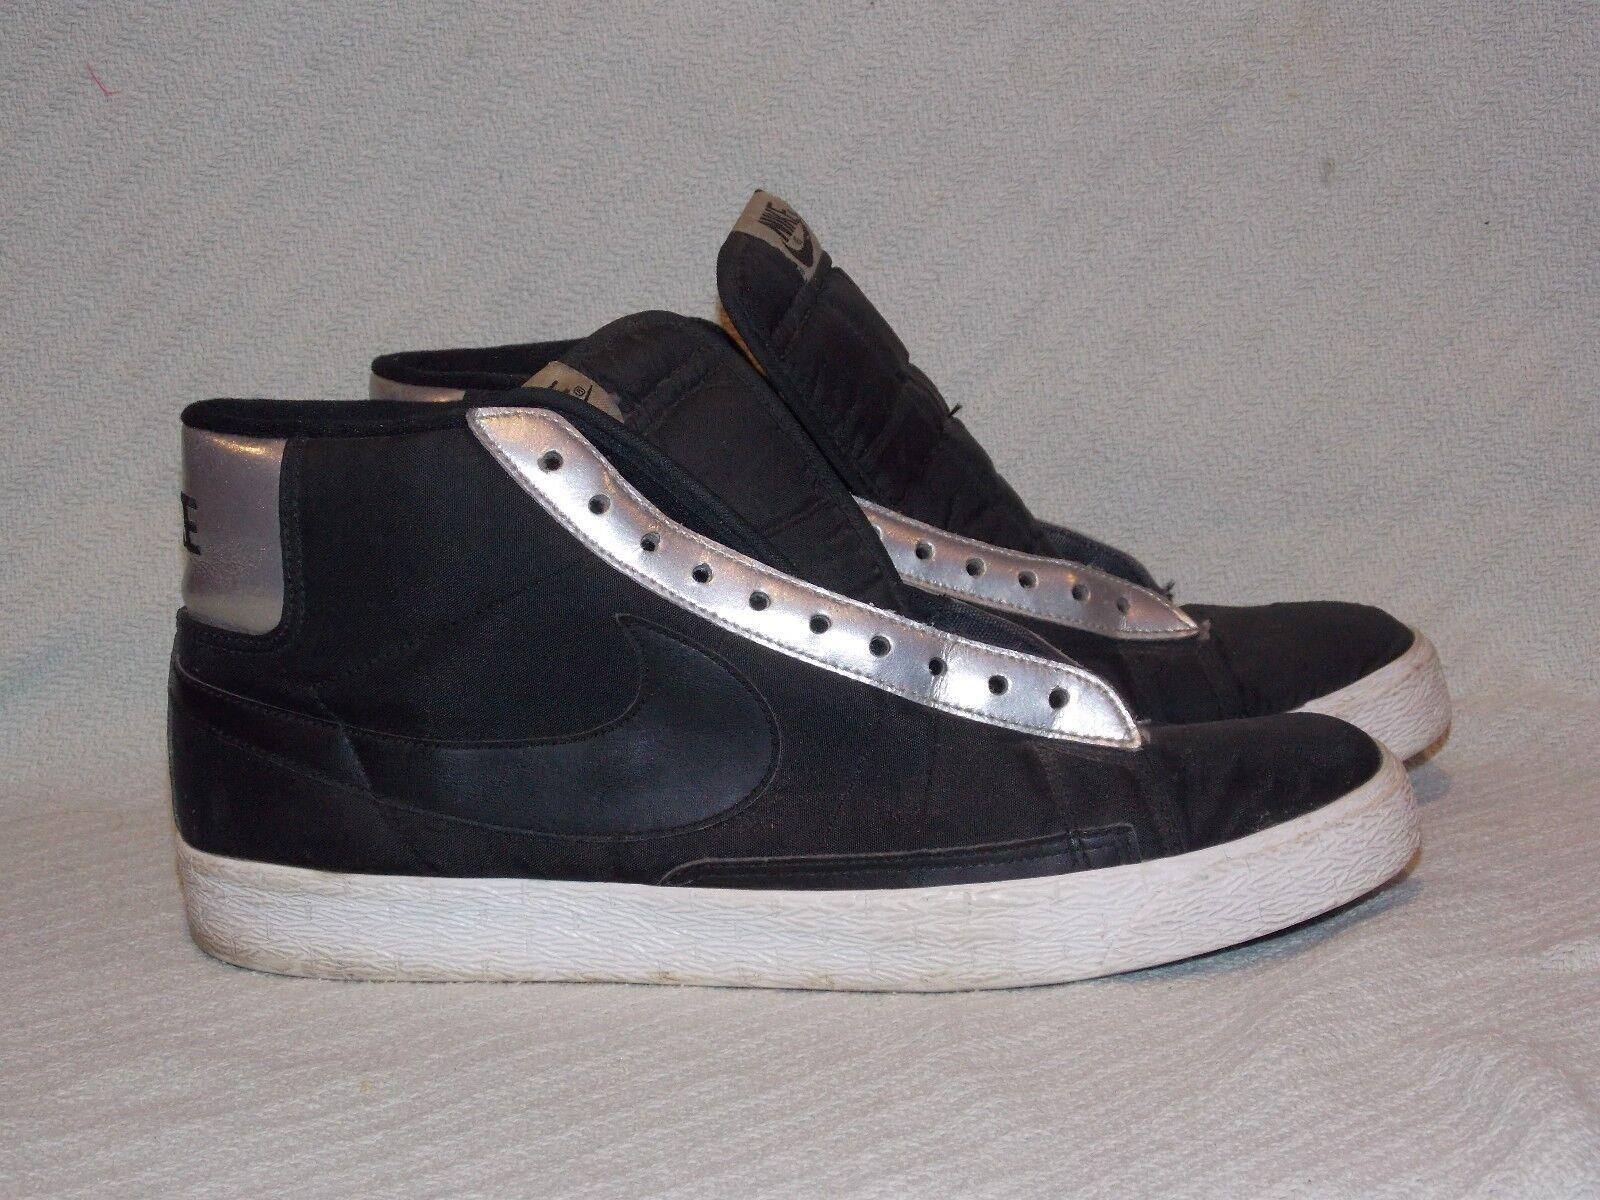 Men's Size 11 NIKE BLAZER Black Metallic Silver White 315877-008 Basketball shoes